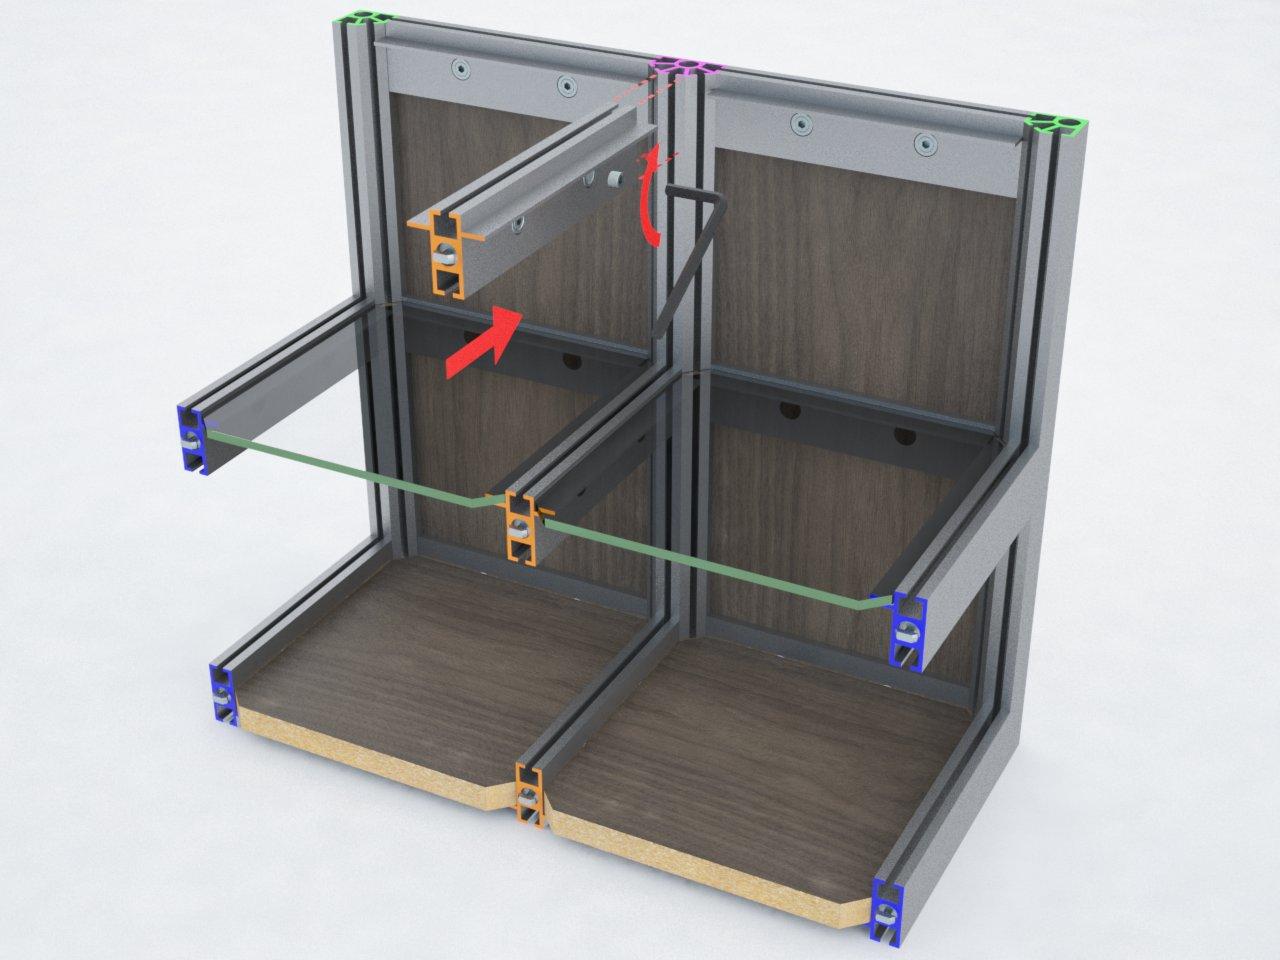 Perfil de travessa T400B para montagem de estruturas em alumínio com prateleiras de vidro ou mdf